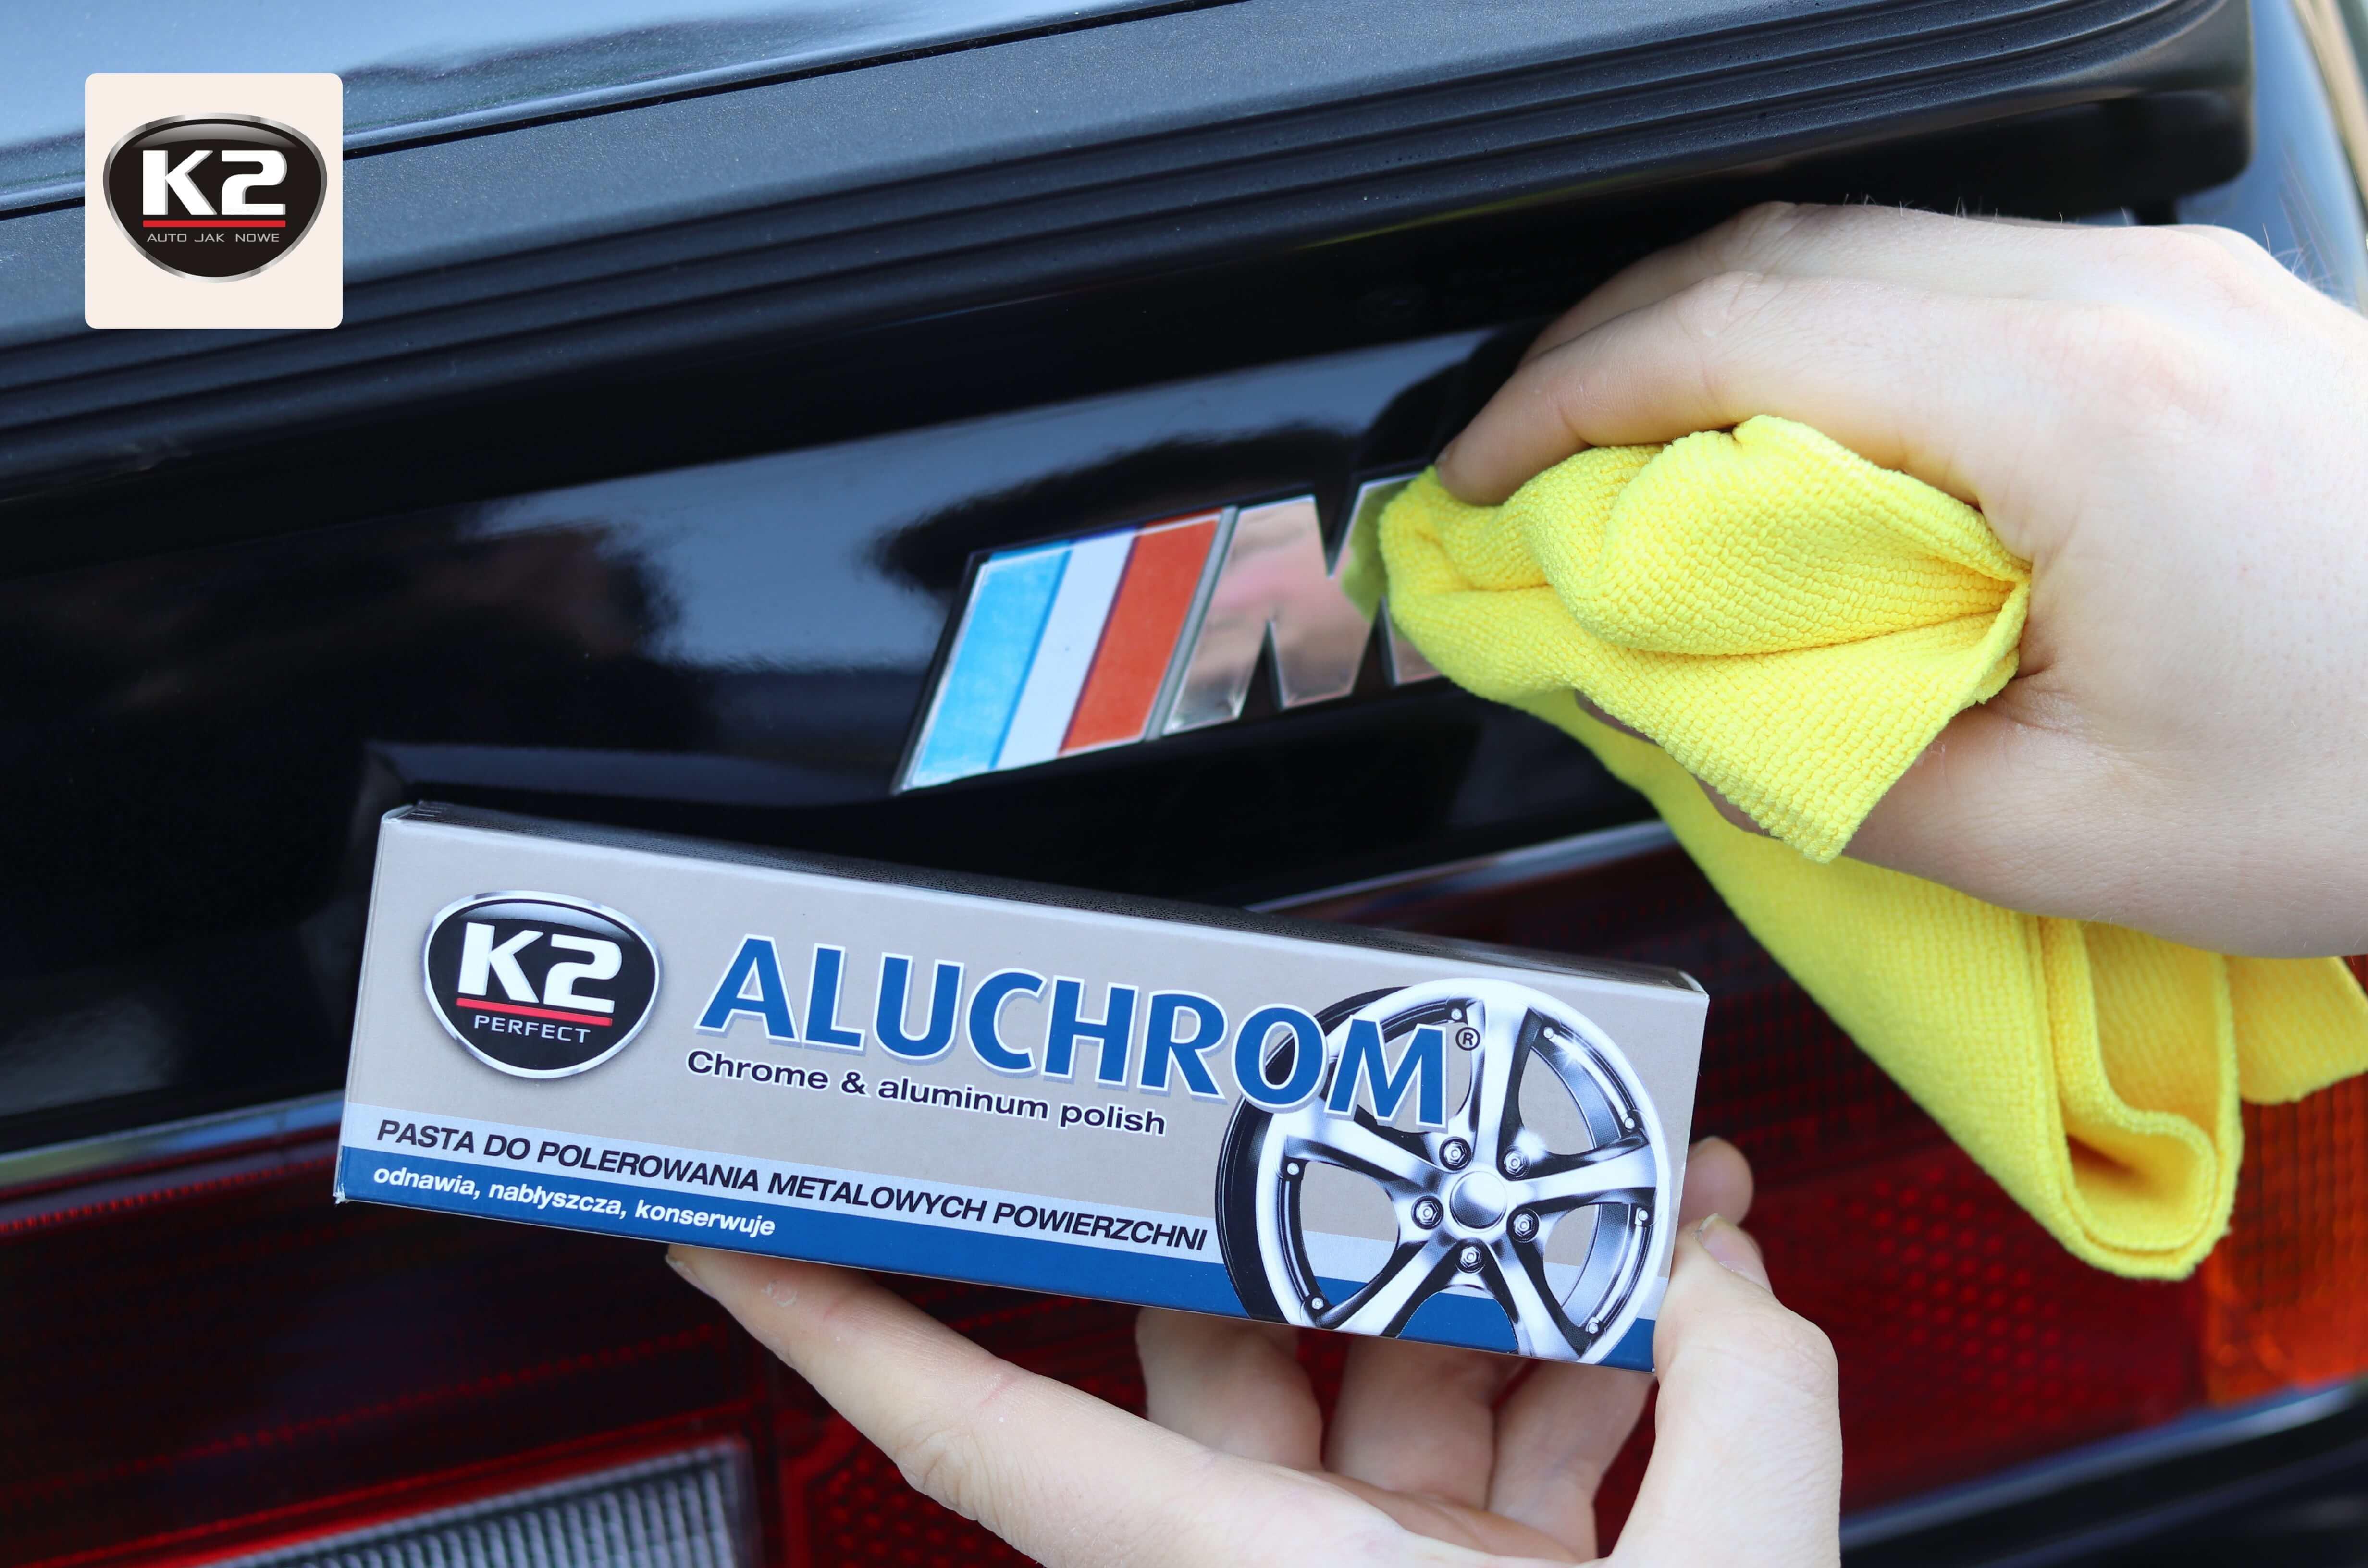 Nakładanie K2 Aluchrom